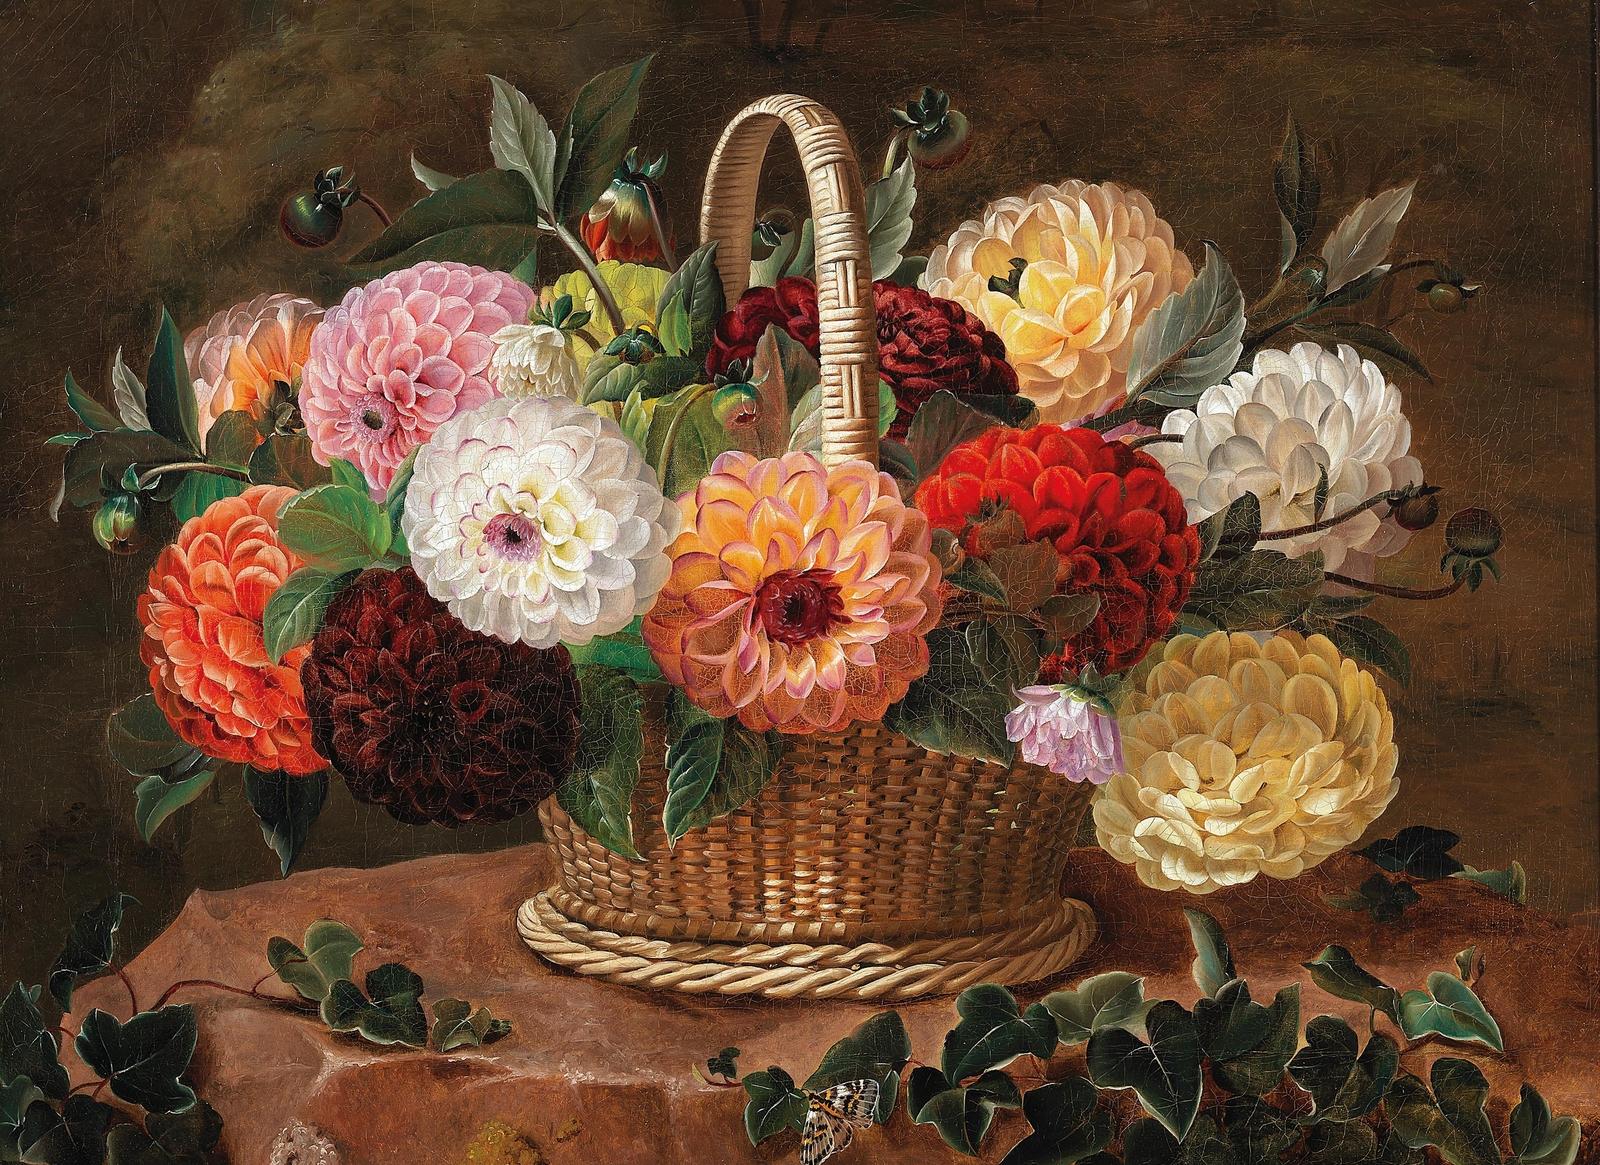 大丽花在篮子里的静物_Still life with dahlias in a basket-约翰·劳伦兹·詹森